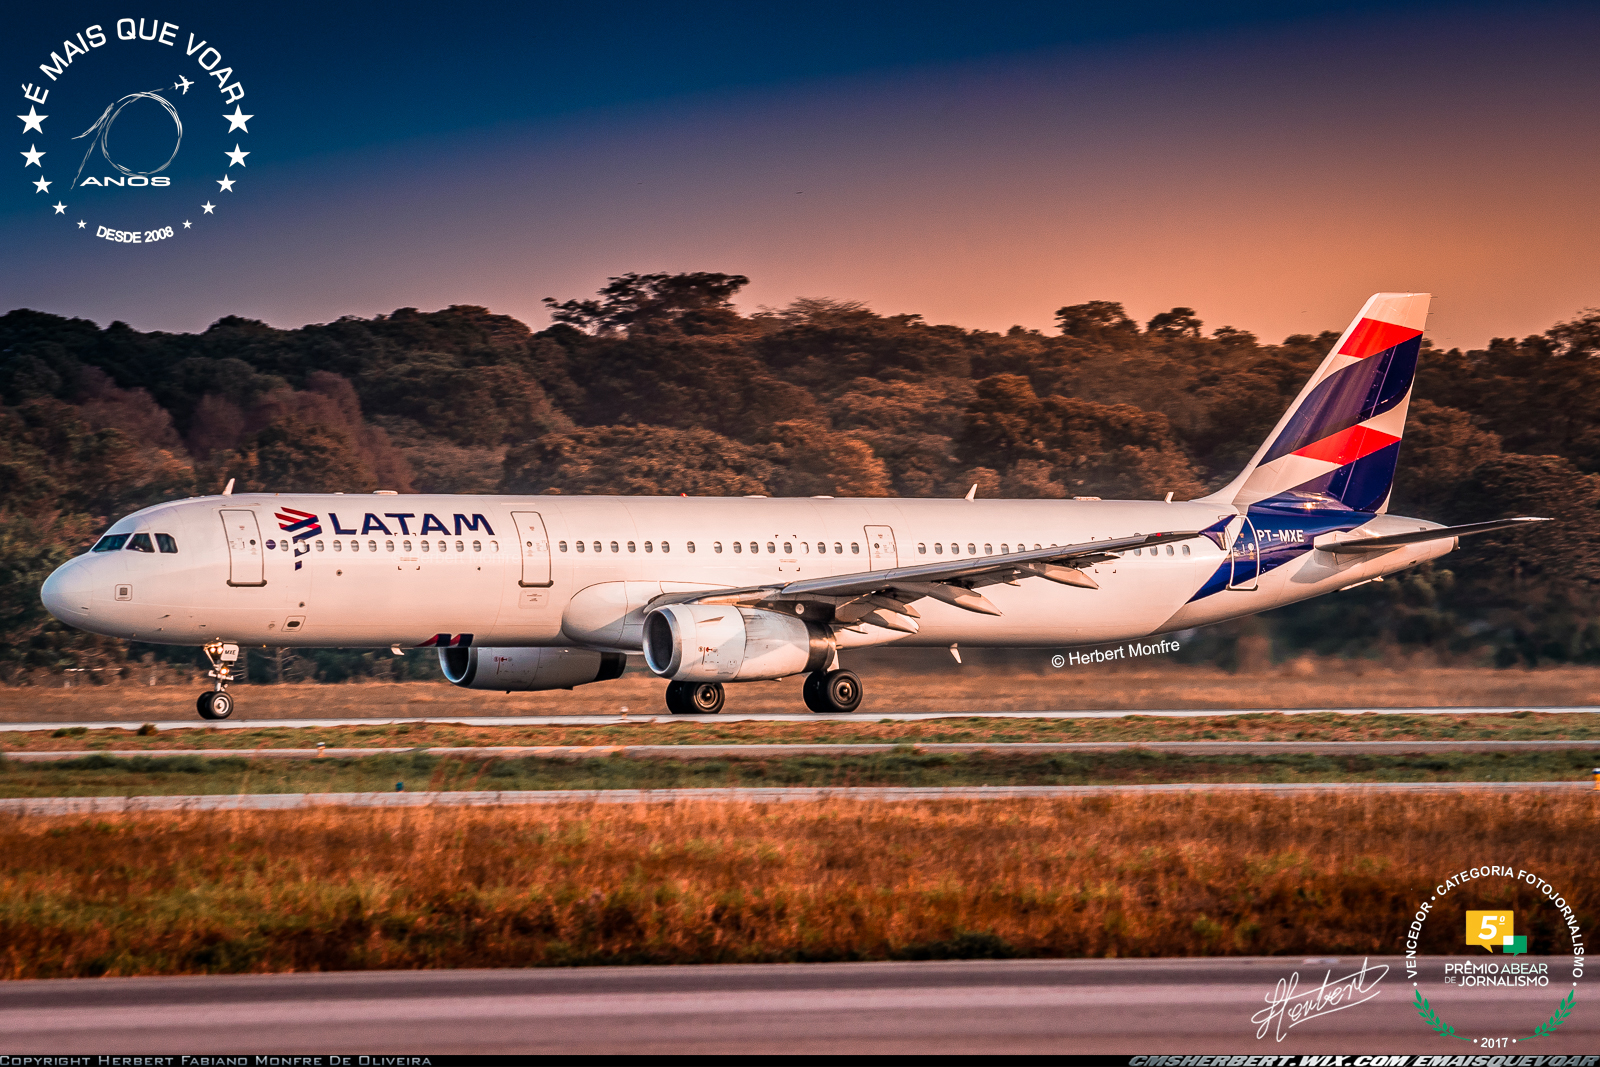 Obras no Aeroporto de Manaus faz LATAM reajustar voos | Foto © Herbert Monfre - É MAIS QUE VOAR